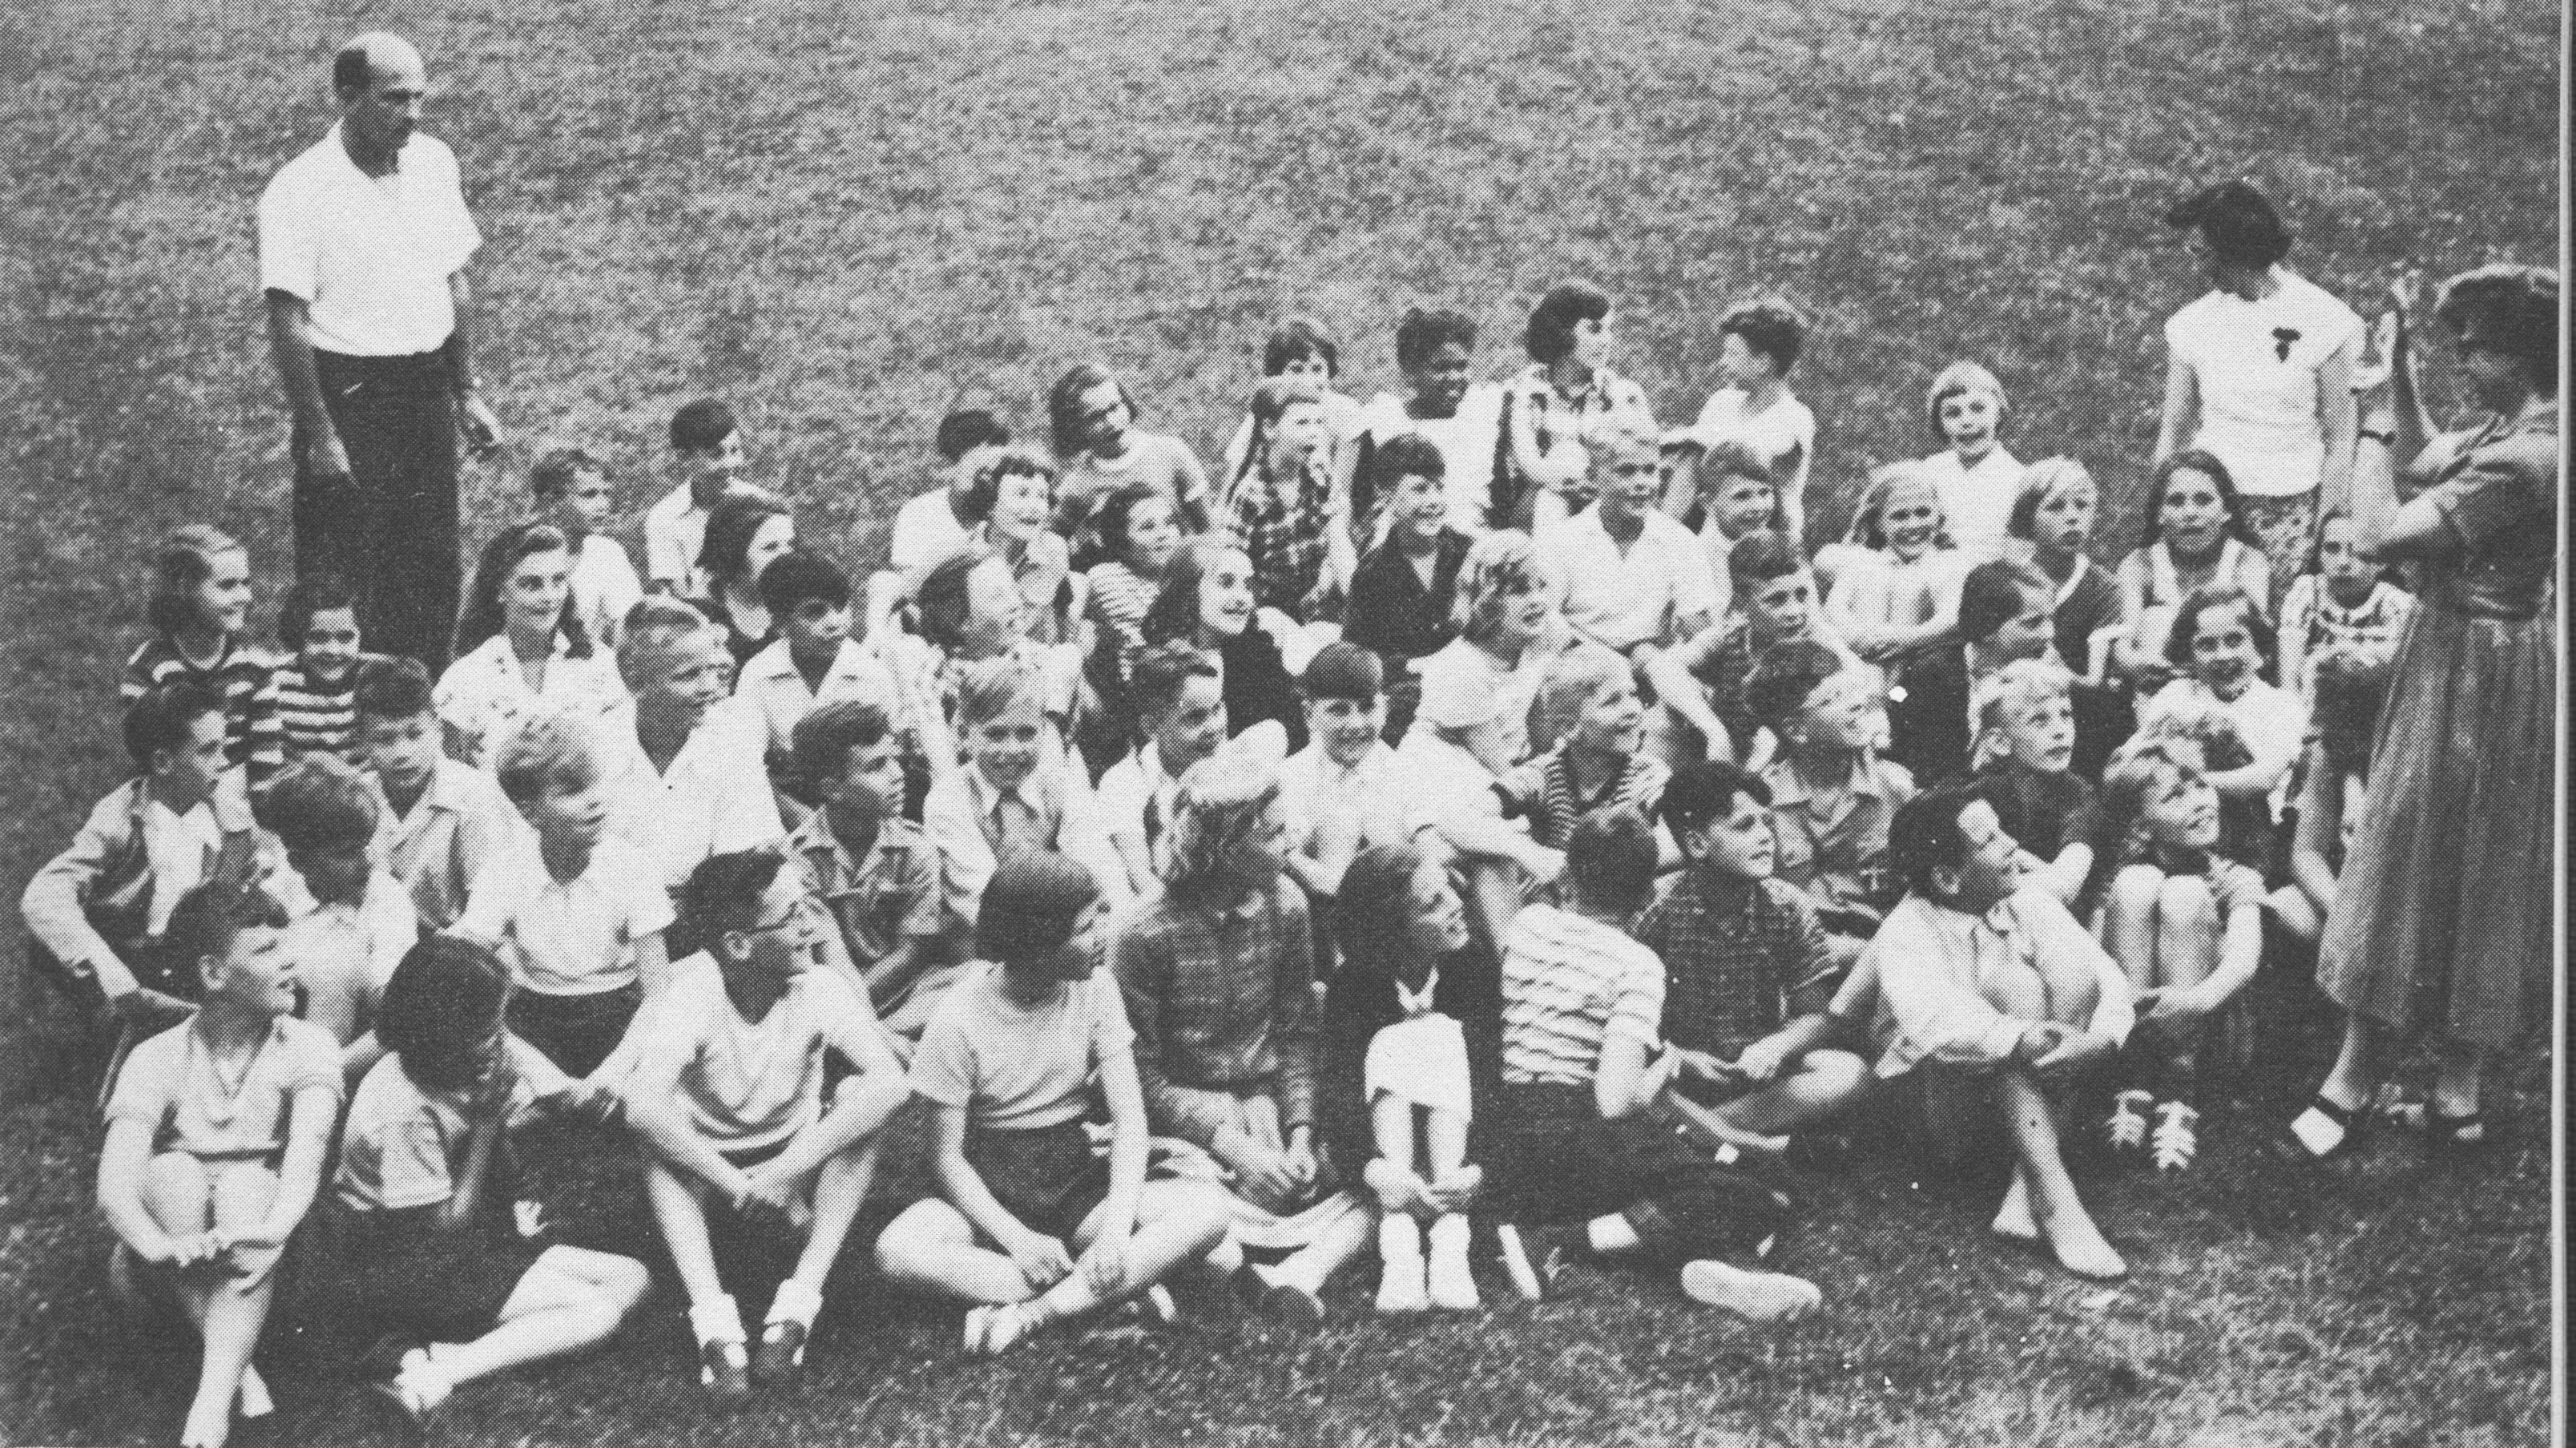 1951 Village, Cincinnati